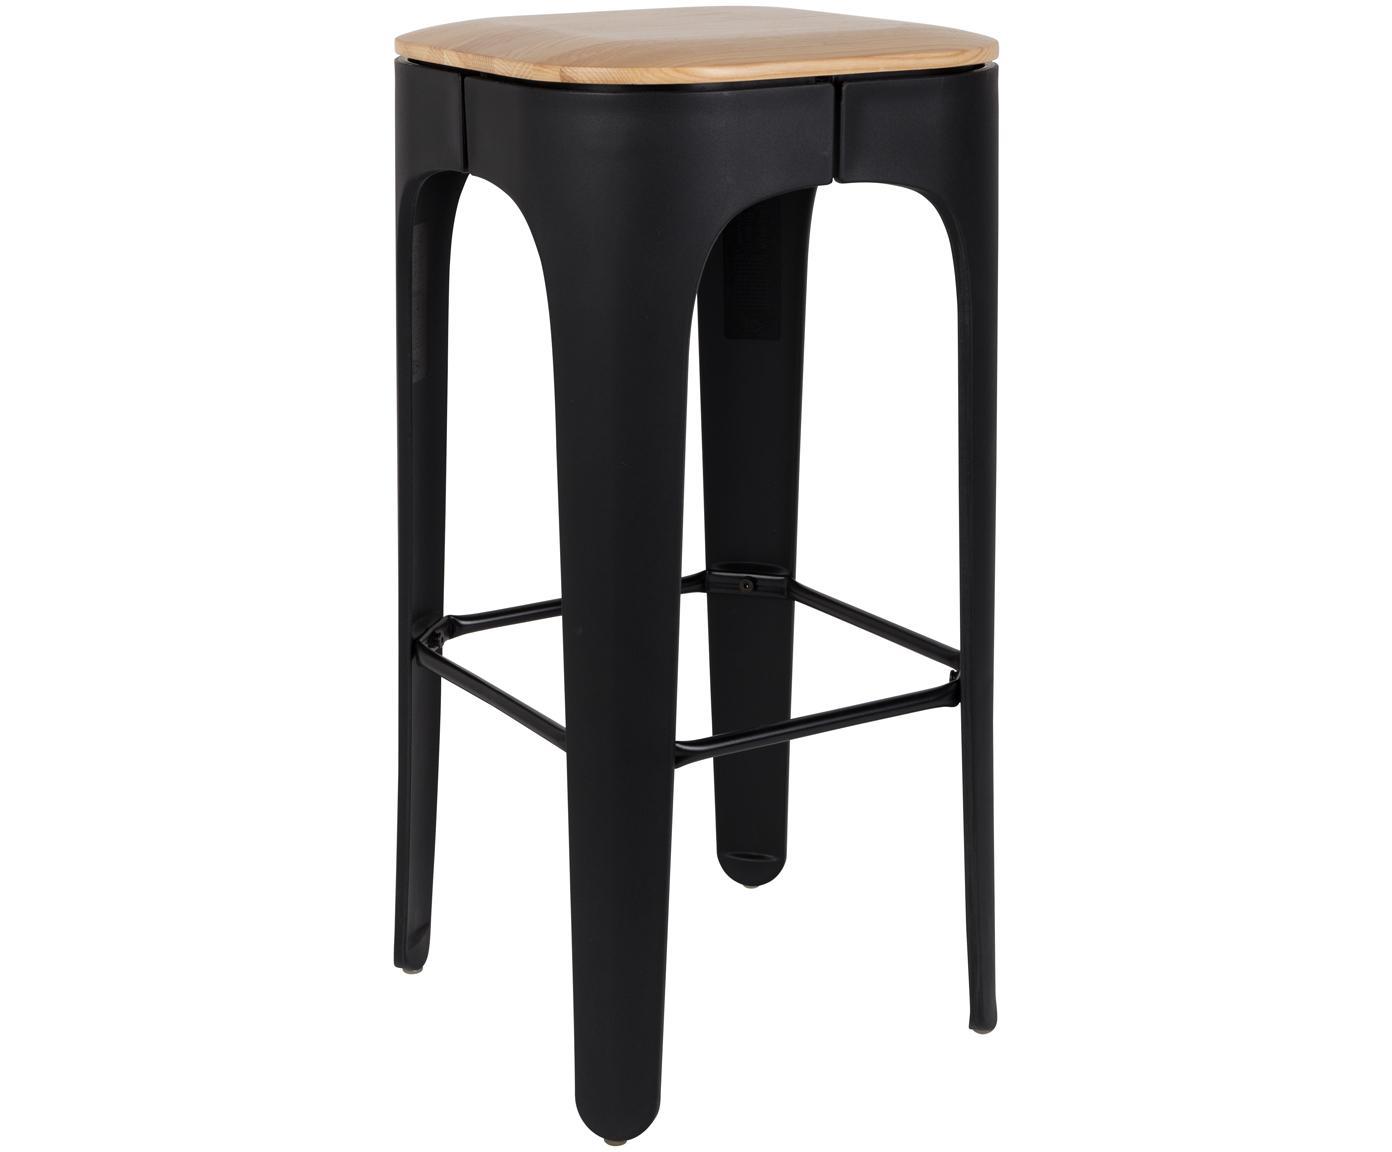 Barhocker Up-High, Beine: Polypropylen, matt lackie, Sitz: Eschenholz Beine: Schwarz Fußstütze: Schwarz, 35 x 73 cm